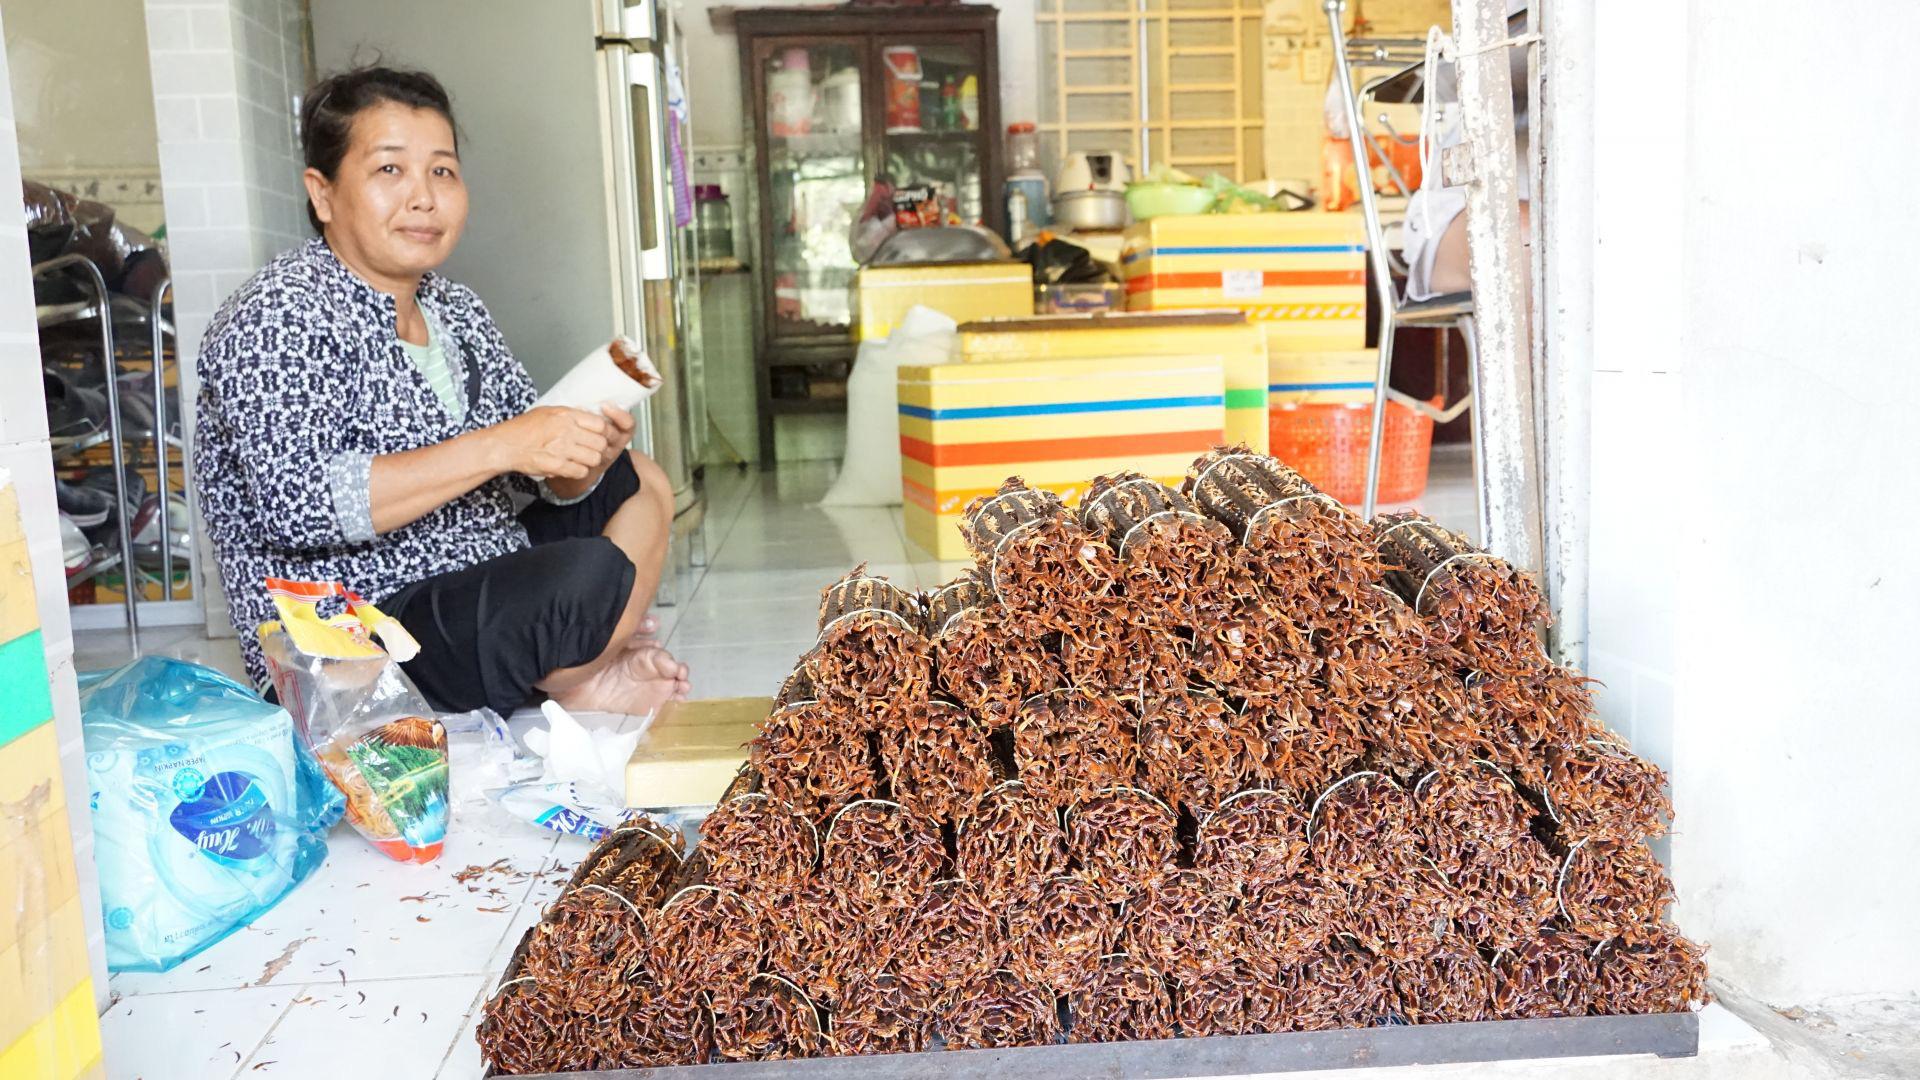 Tây Ninh: Nuôi rết độc, nghe tên nhiều người đã nổi da gà vậy mà nông dân ở đây bán 1kg giá 1,2 triệu - Ảnh 1.